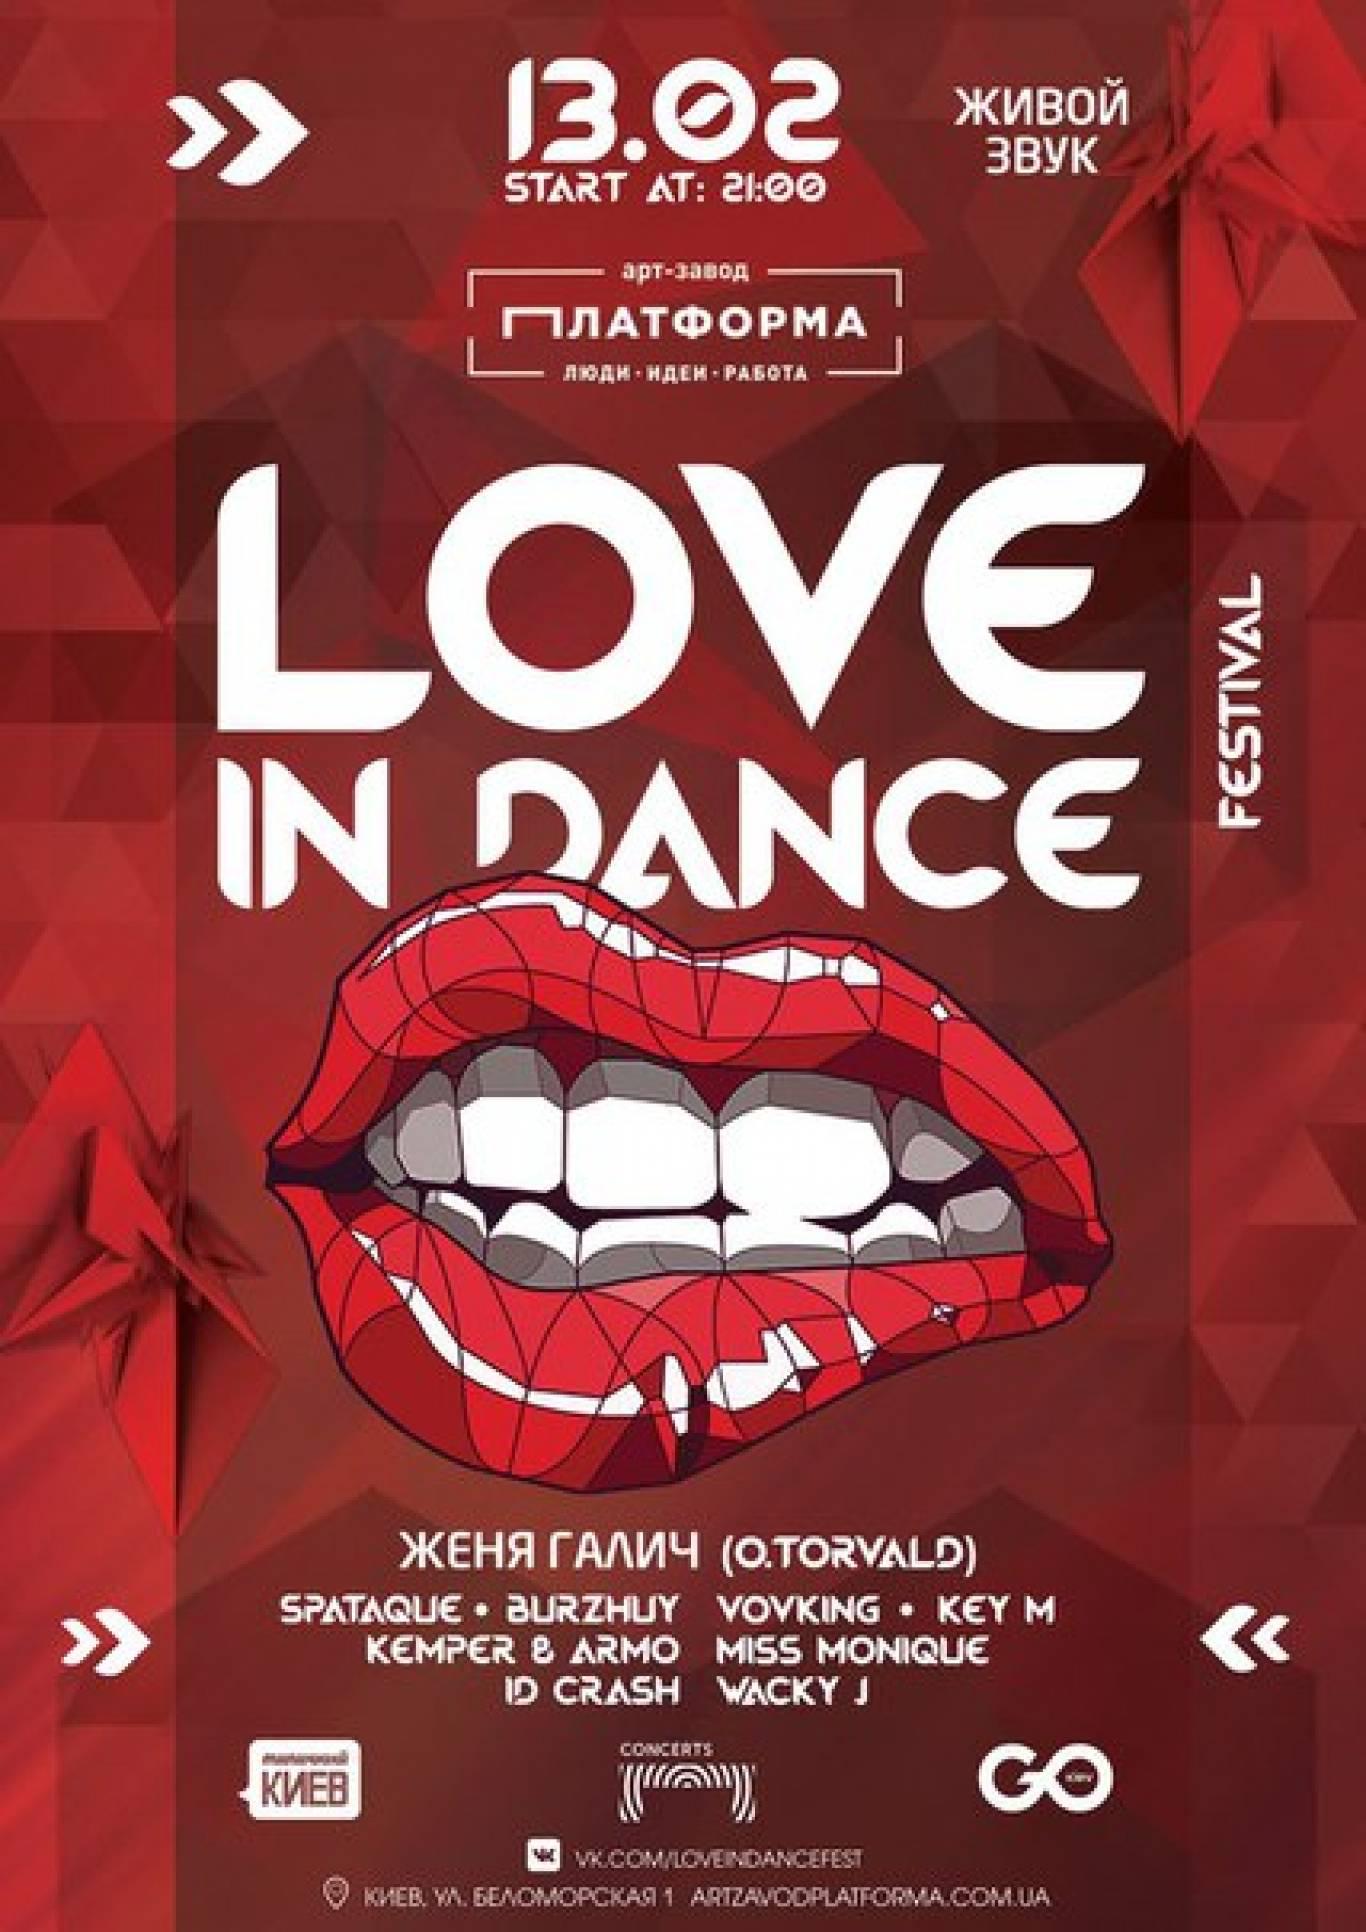 LOVEinDANCE fest, або Ніч для закоханих